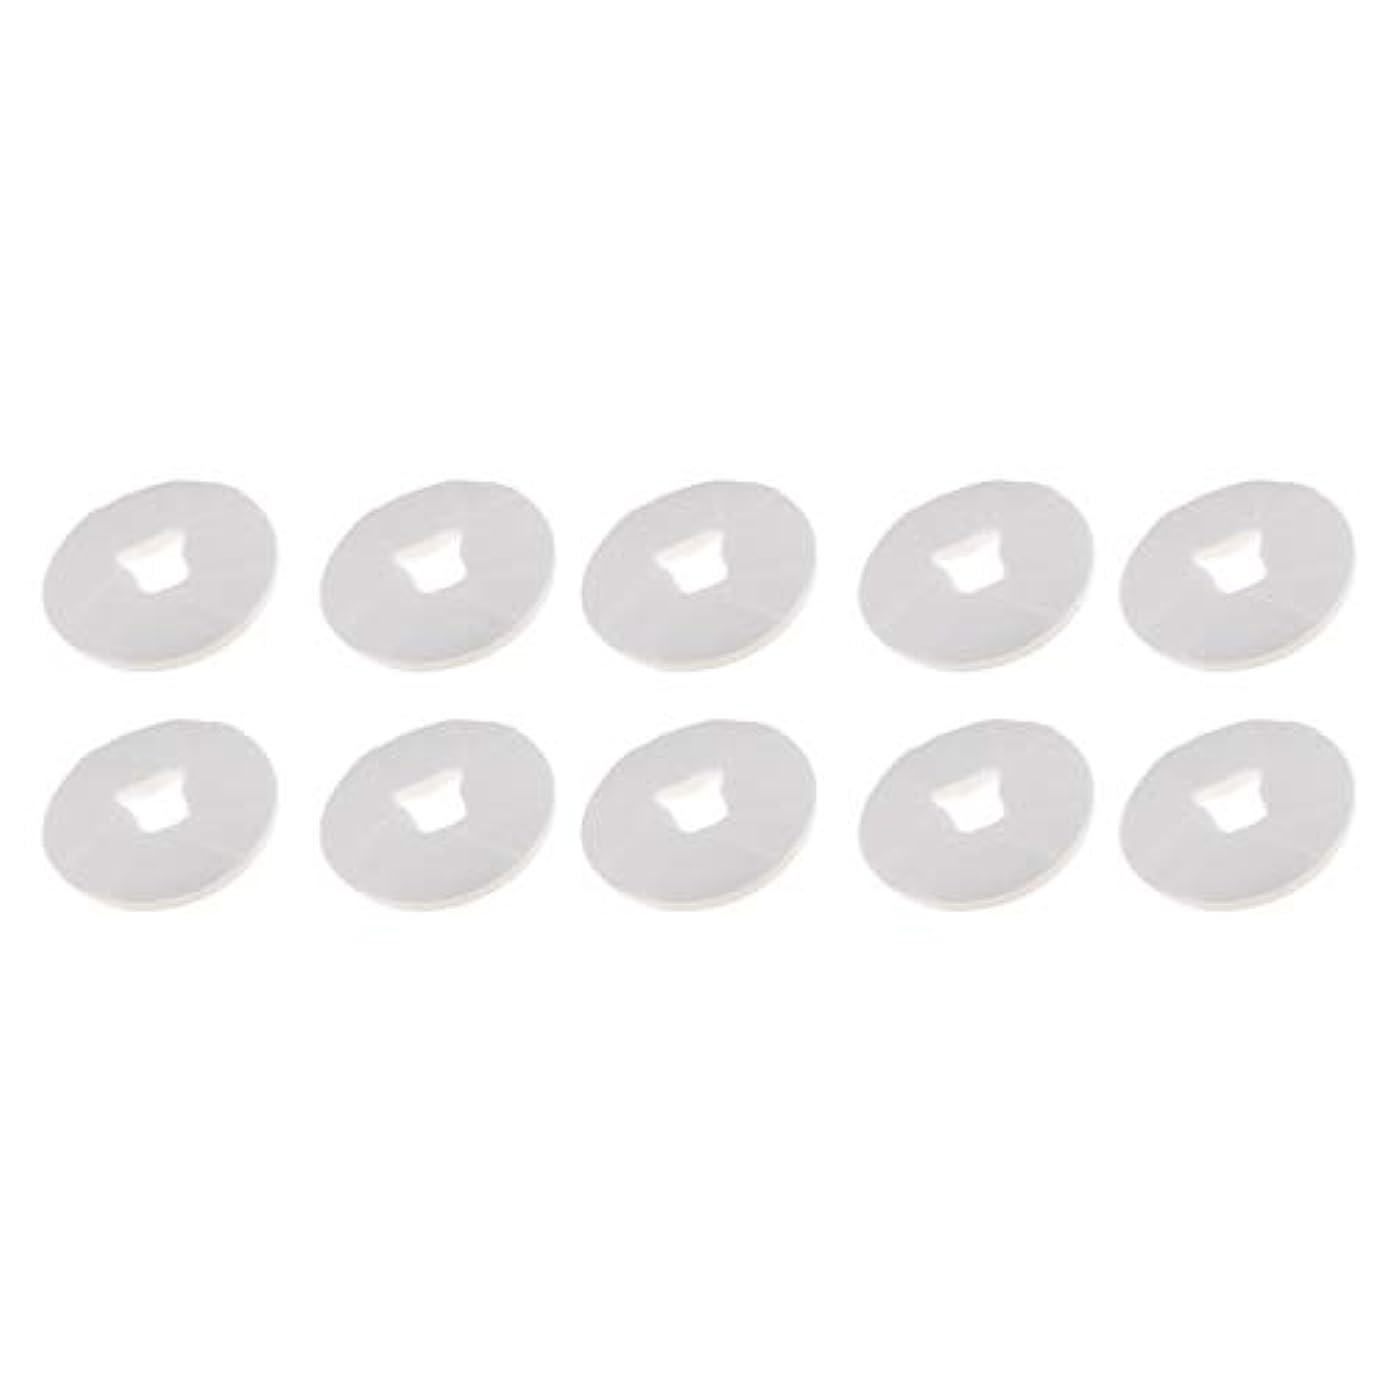 伸ばすサンダース欠席KESOTO 約1000個 使い捨てピローカバー フェイスカバー 枕カバー 不織布PP マッサージサロン 旅行用